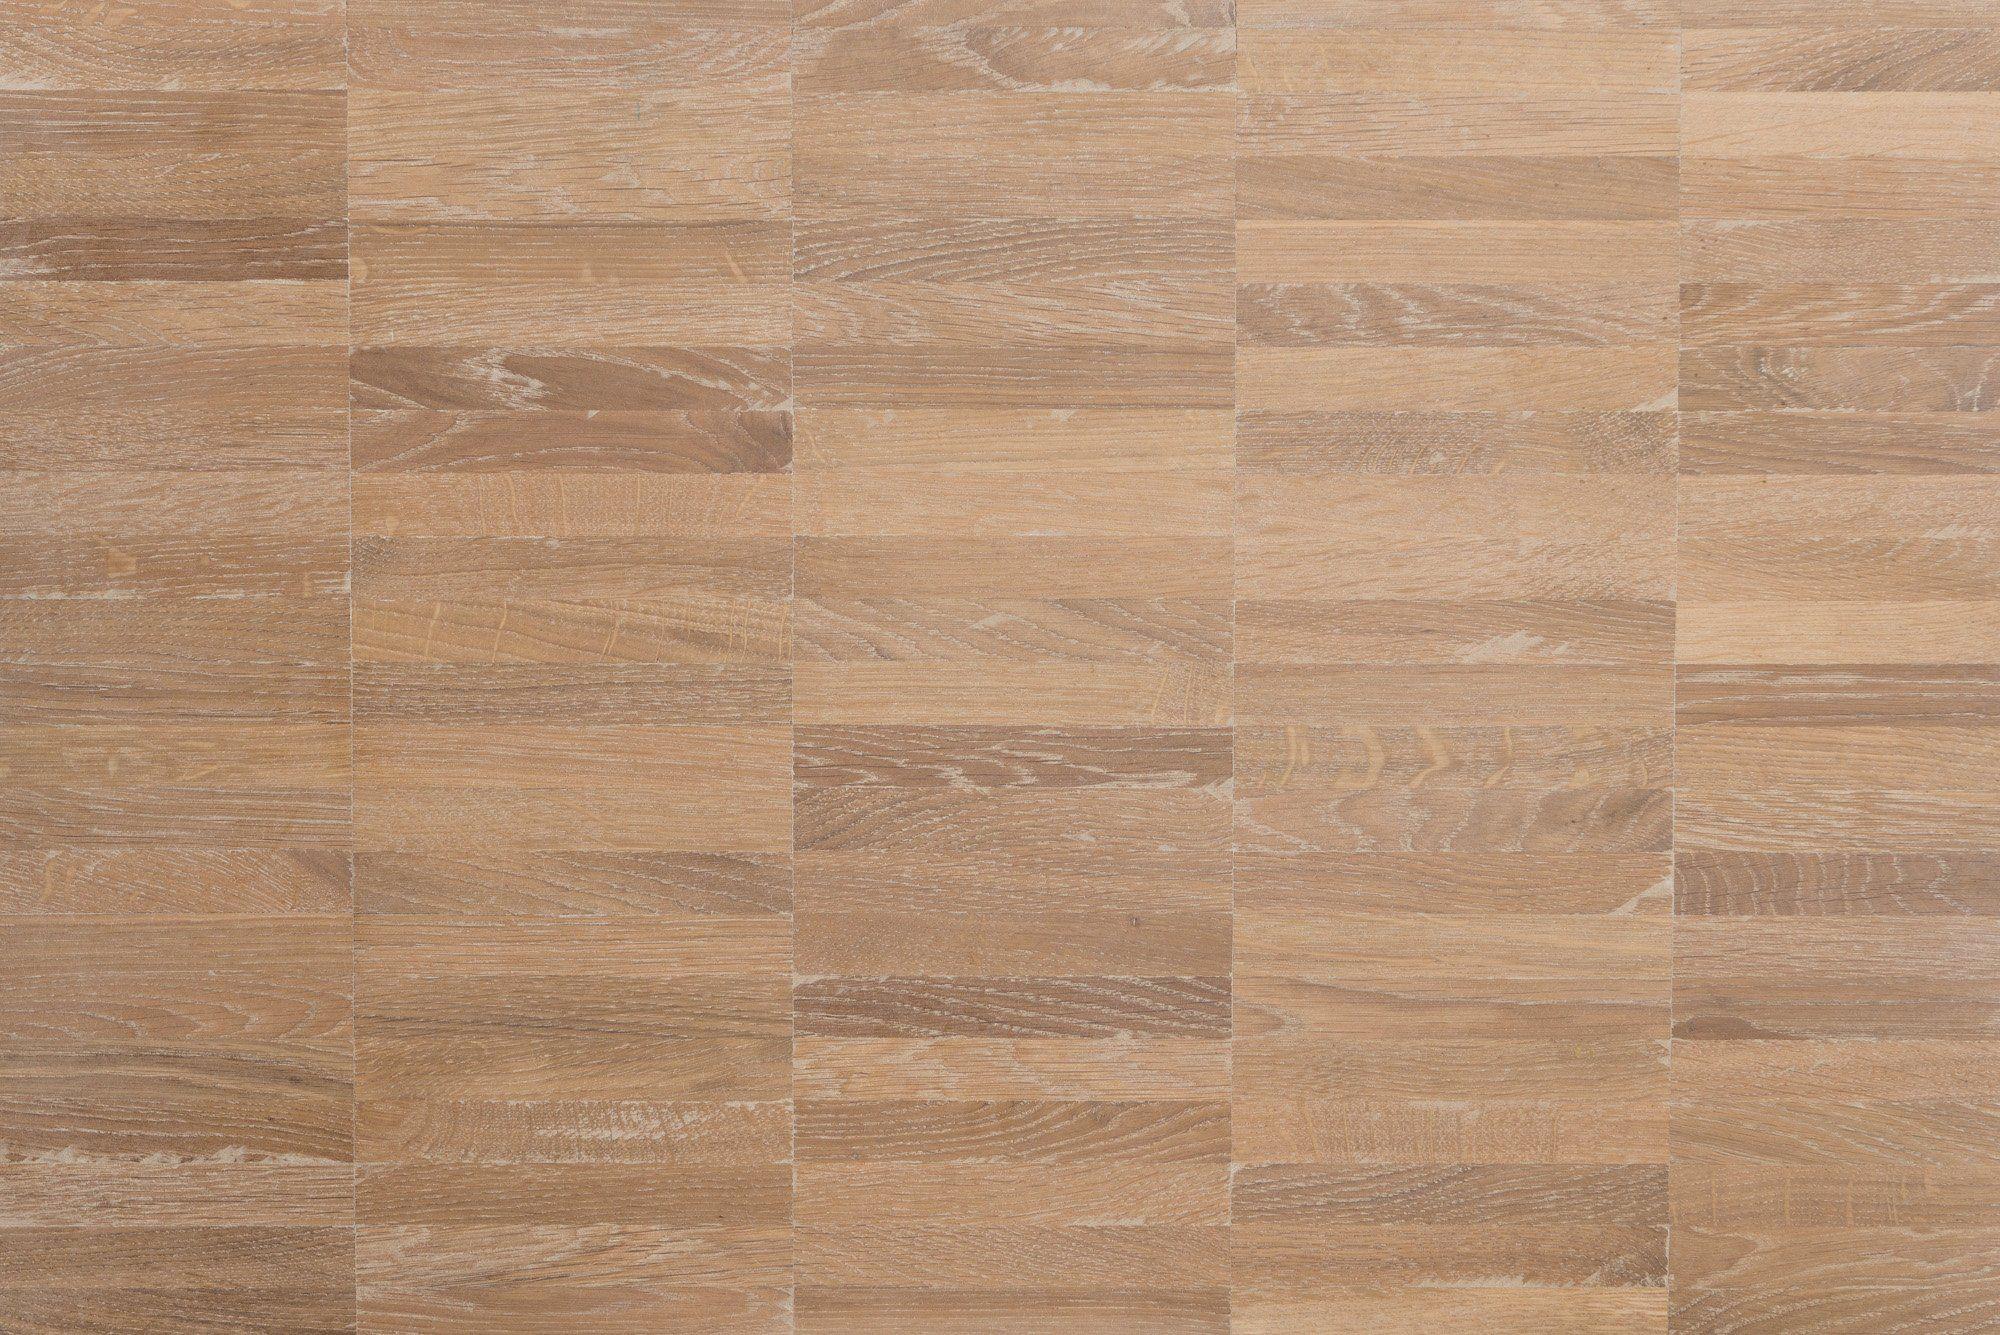 Ondervloer Houten Vloer : Afbeeldingsresultaat voor ondervloer houten stroken